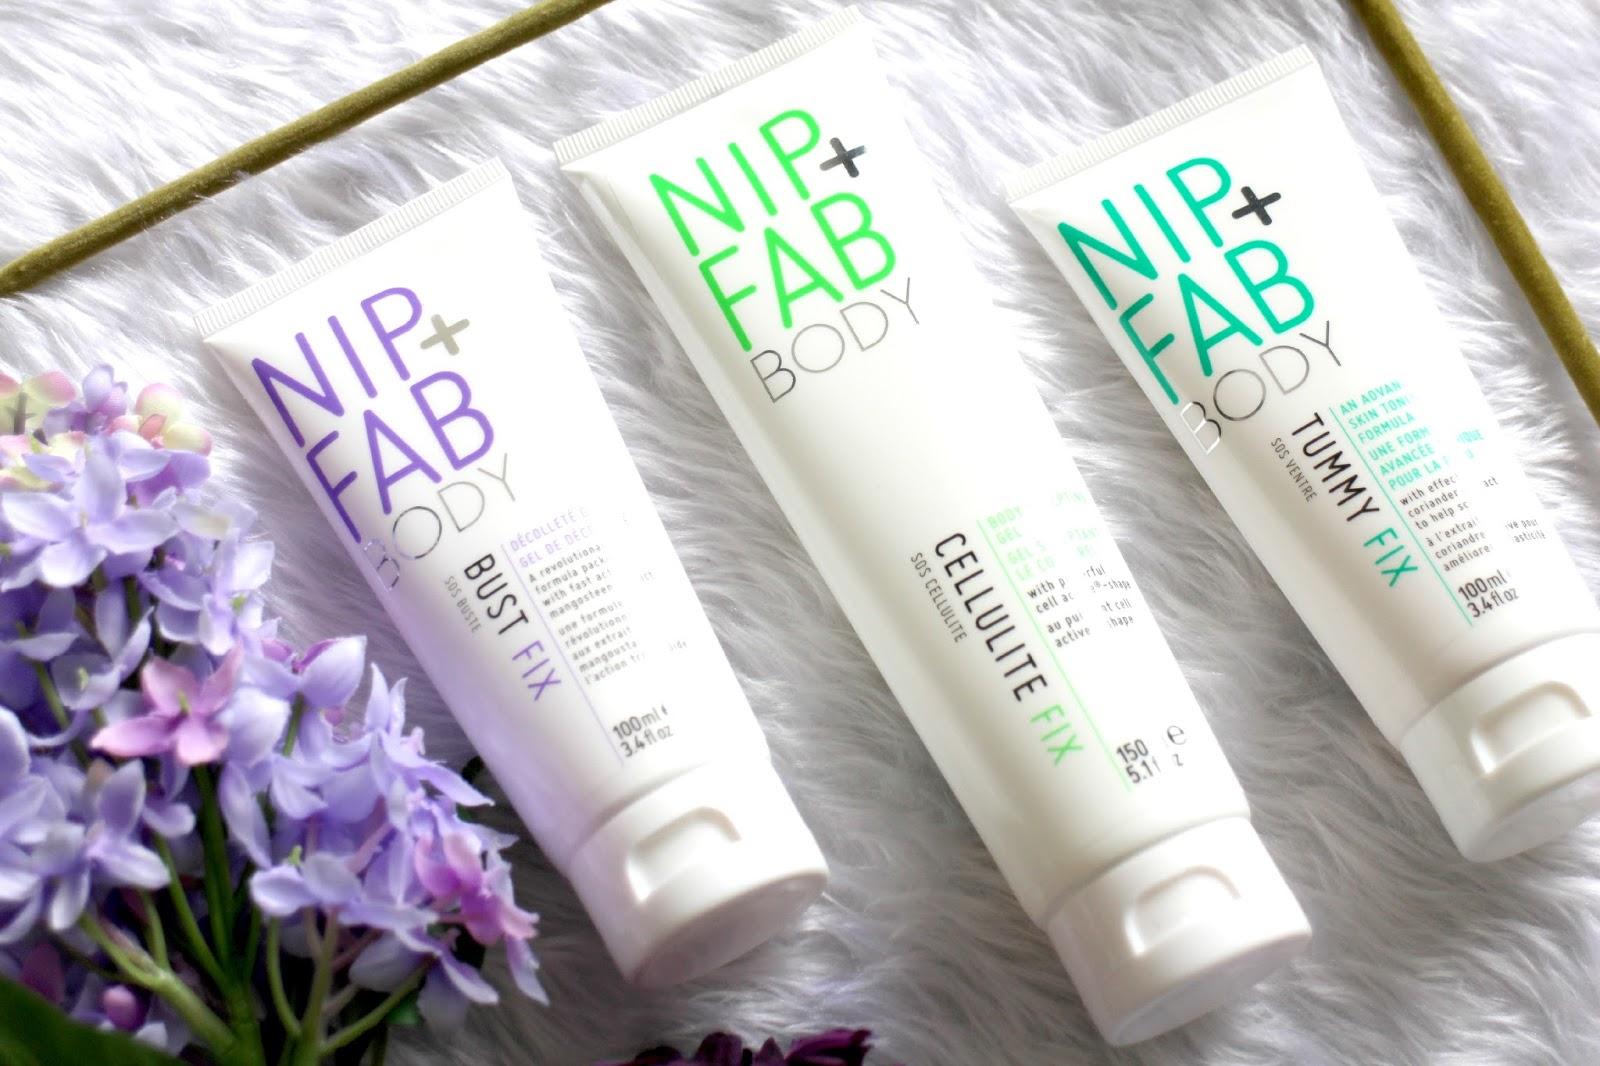 Nip + Fab Bust Cellulite Tummy Fix